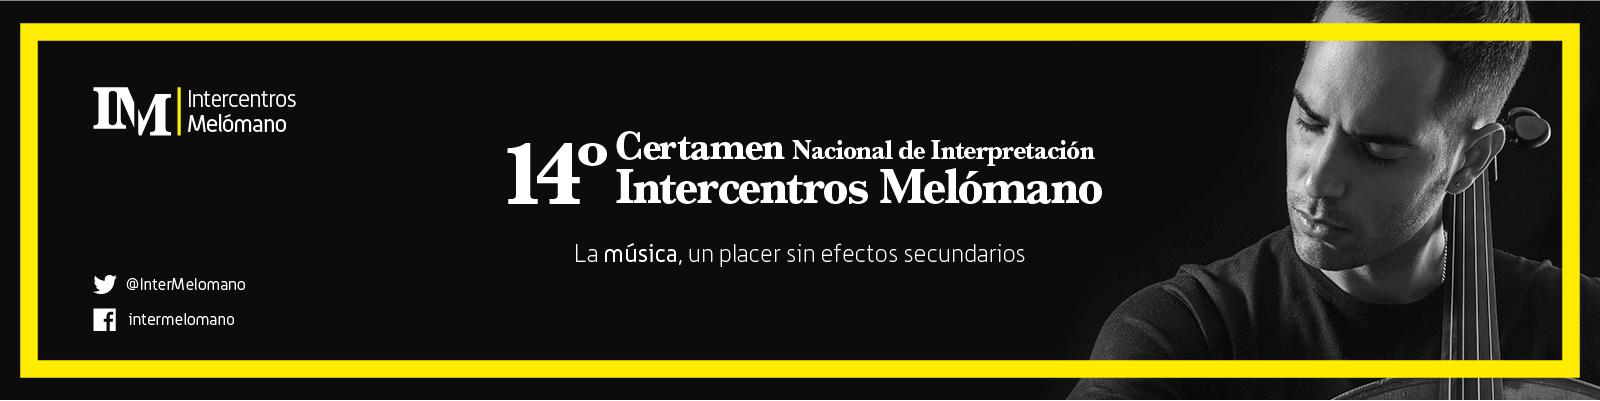 Intercentros Melomano